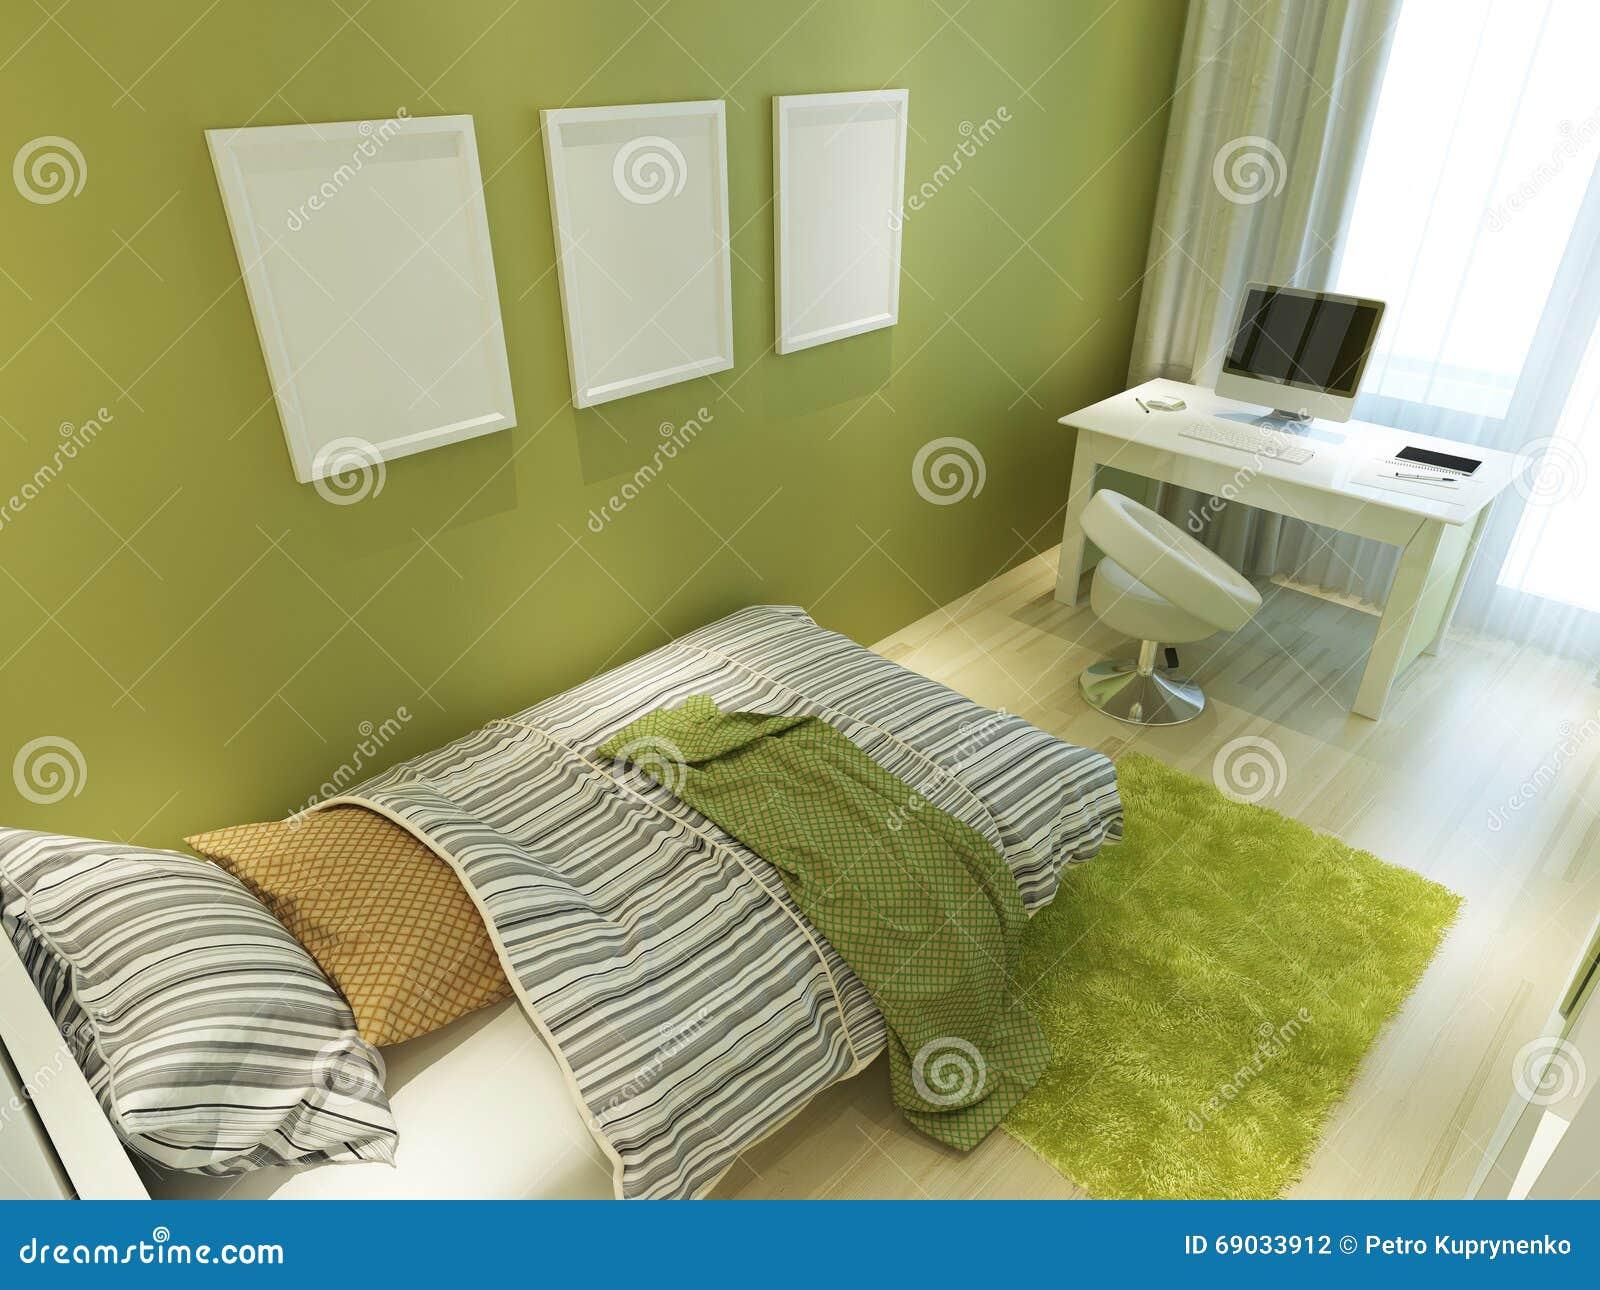 Zeitgenössischer Jugendlich Raum Für Grüne Farbe Mit Einem Bett Und ...